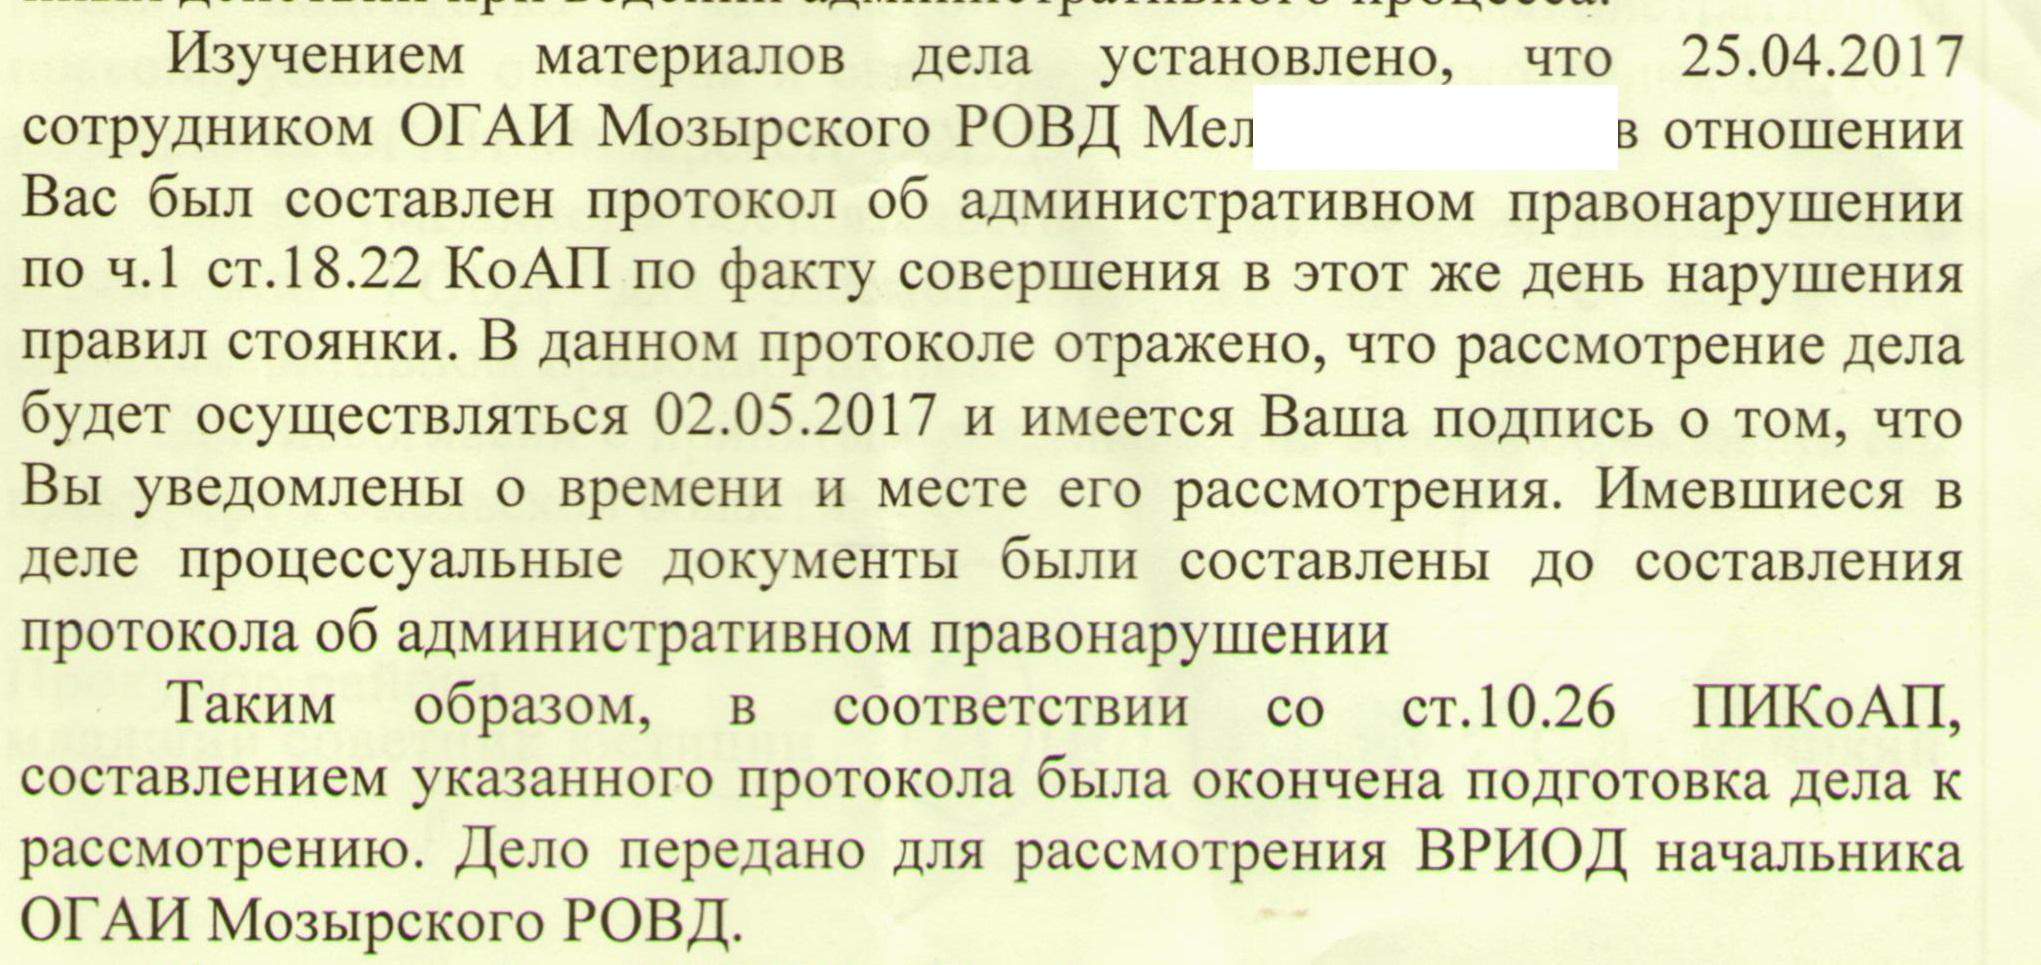 ответ прокурора г. Мозыря по ч.1 ст.18.22 КоАП